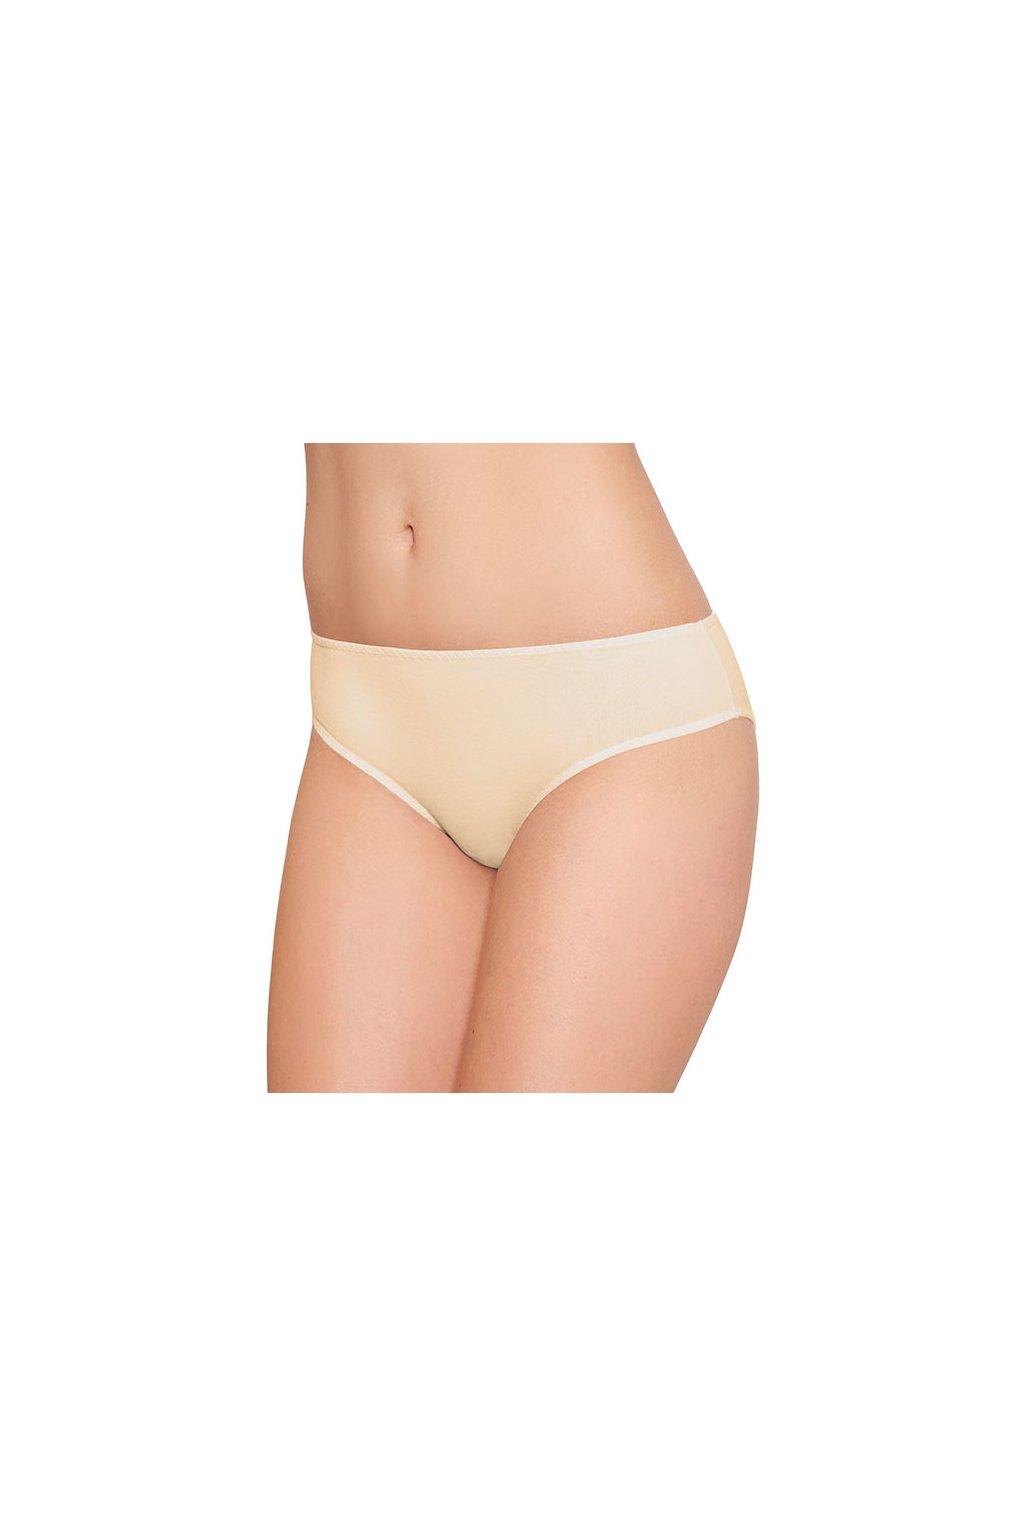 Dámské kalhotky, 10090 210, béžová